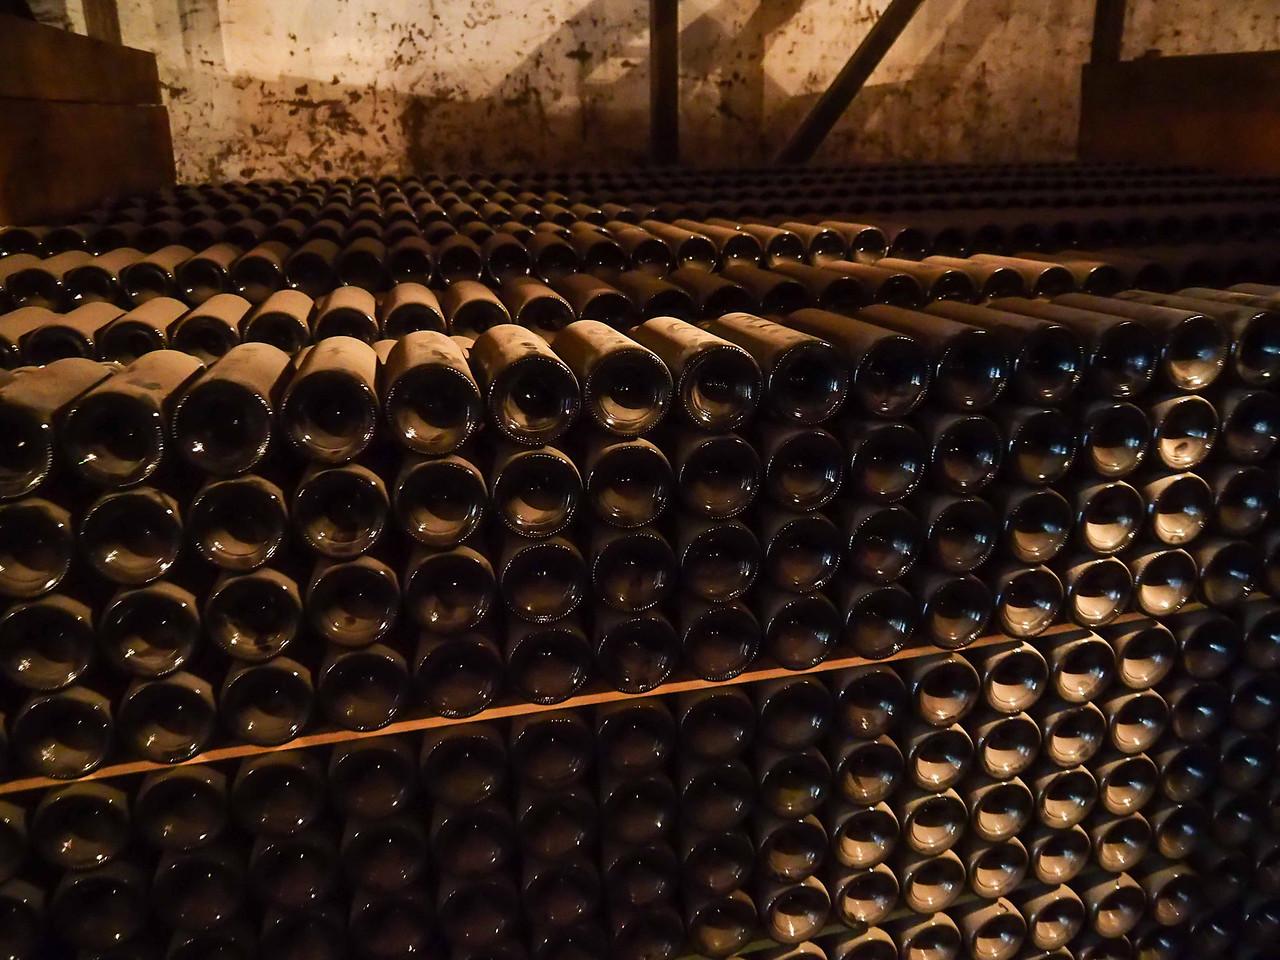 Aging wine in bottles